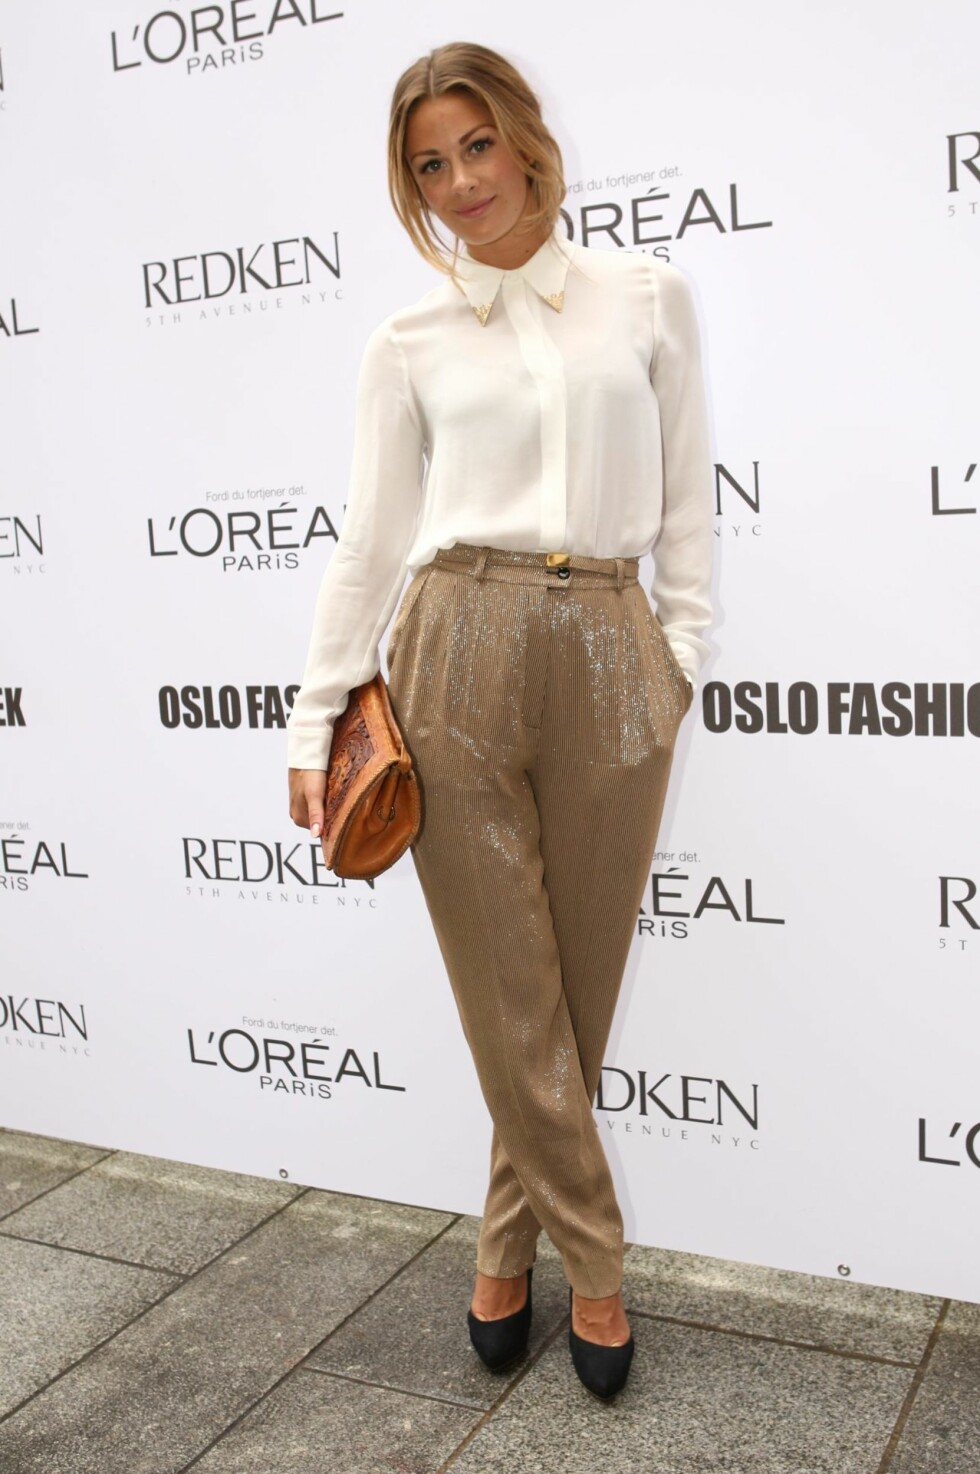 I hvit bluse og glitrende bukse på Oslo Fashion Week i 2011. Foto: Per Ervland